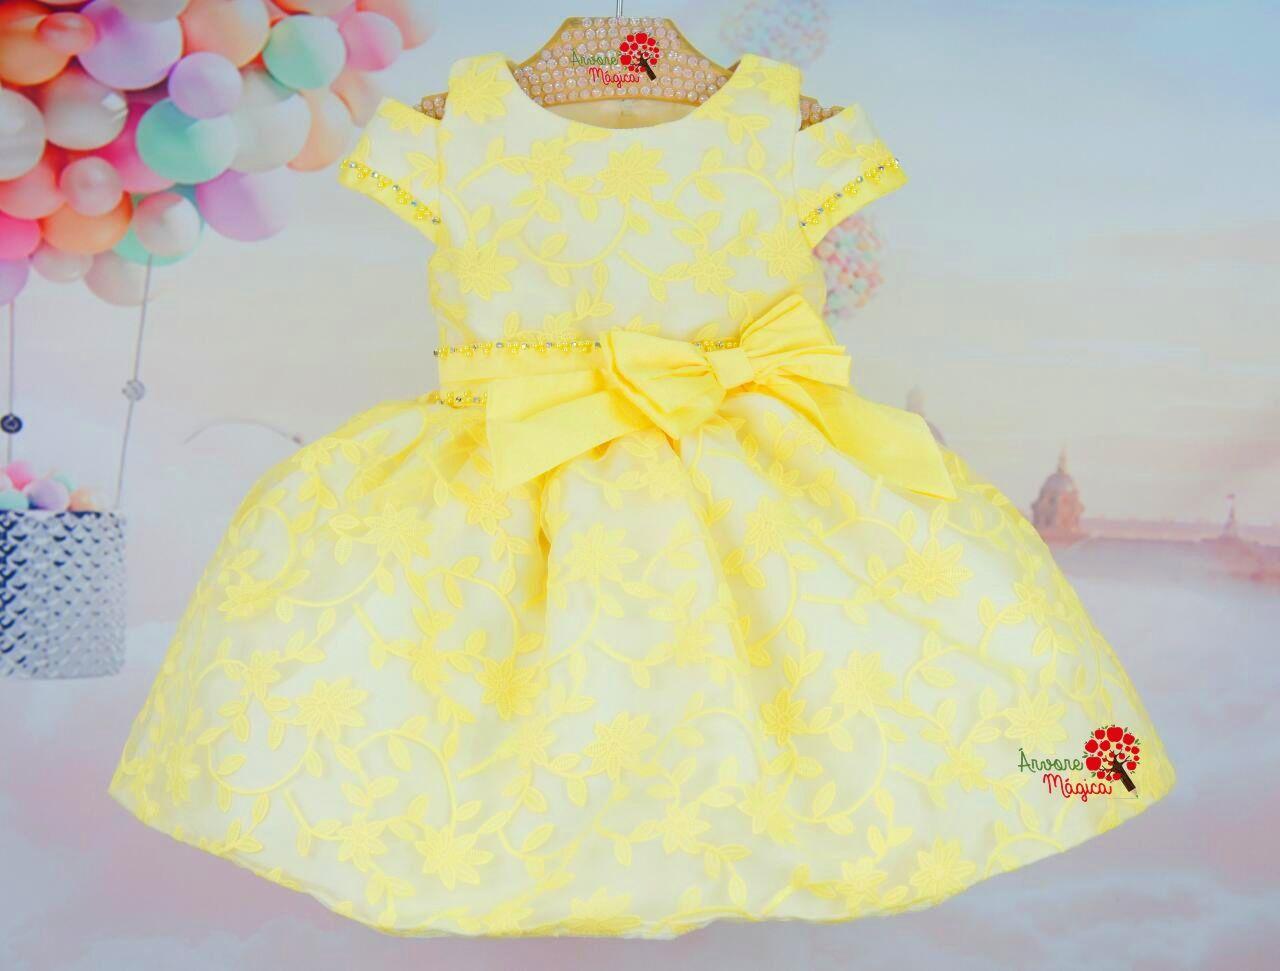 279f8db7c Vestido de Festa Infantil Amarelo Petit Cherie | Moda infantil ...